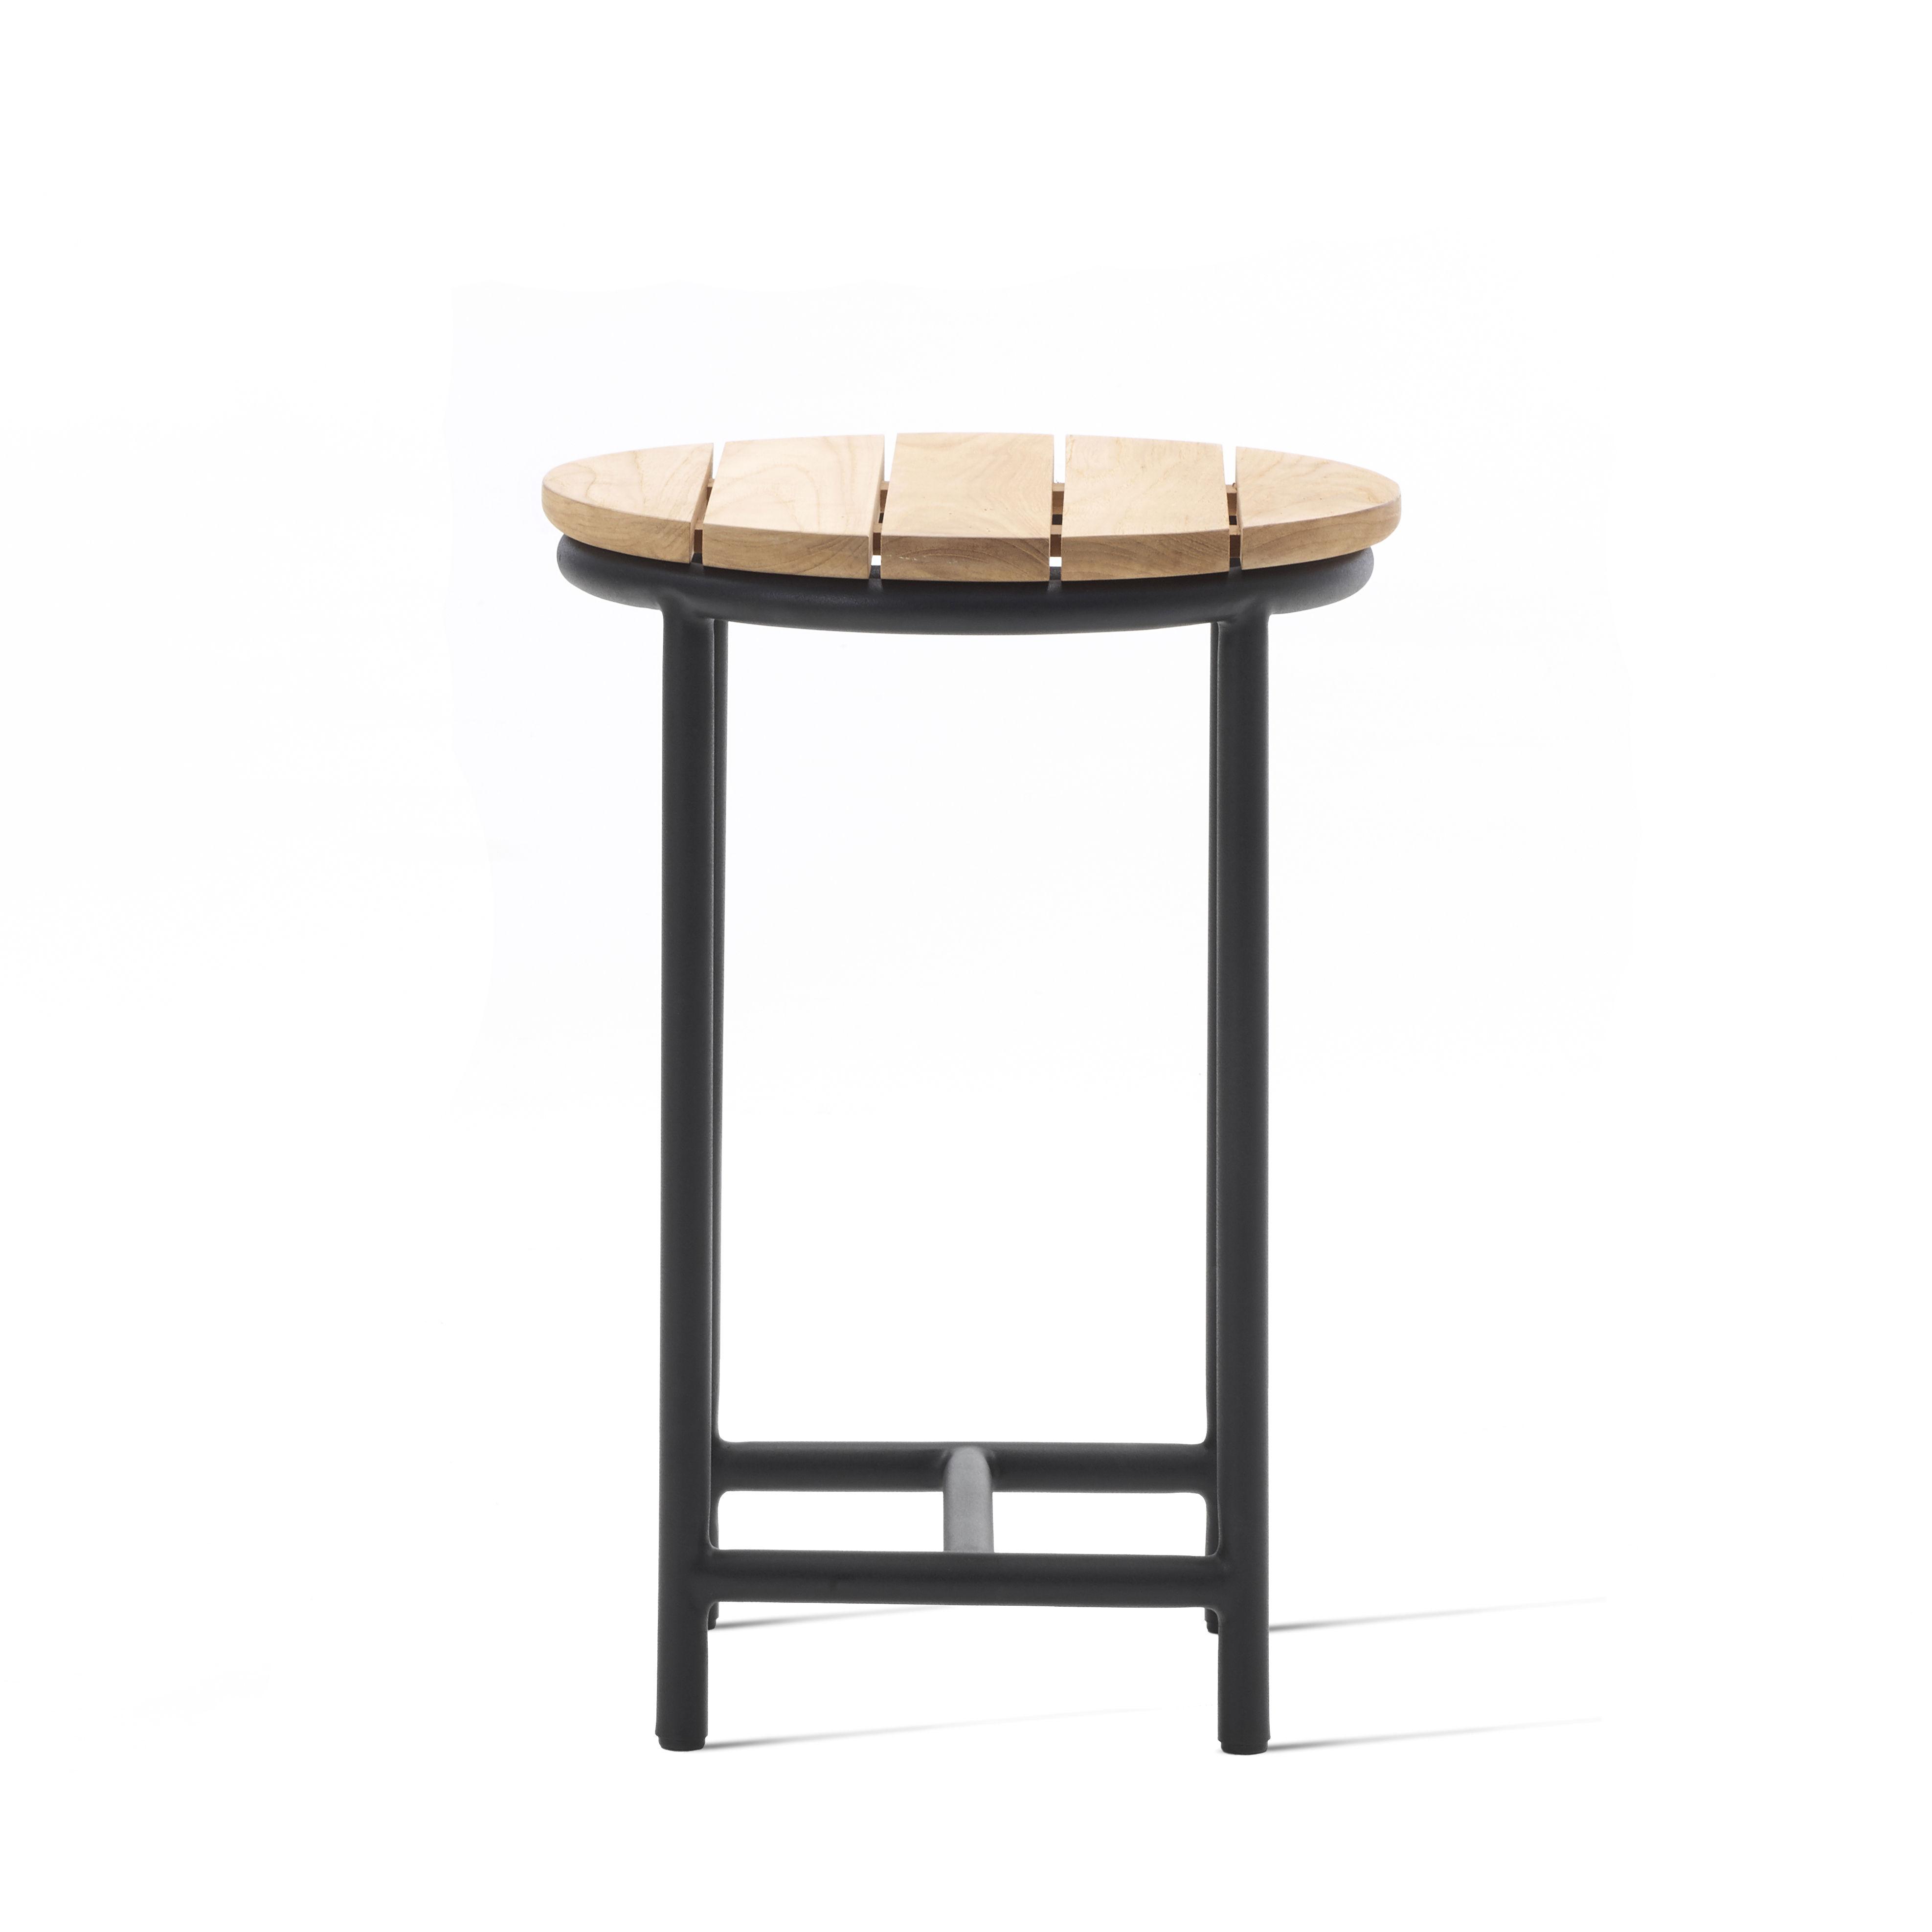 Möbel - Couchtische - Wicked Beistelltisch / Ø 37 cm - Teakholz - Vincent Sheppard - Teakholz / Schwarz - Aluminium thermolaqué, Massives Teakholz